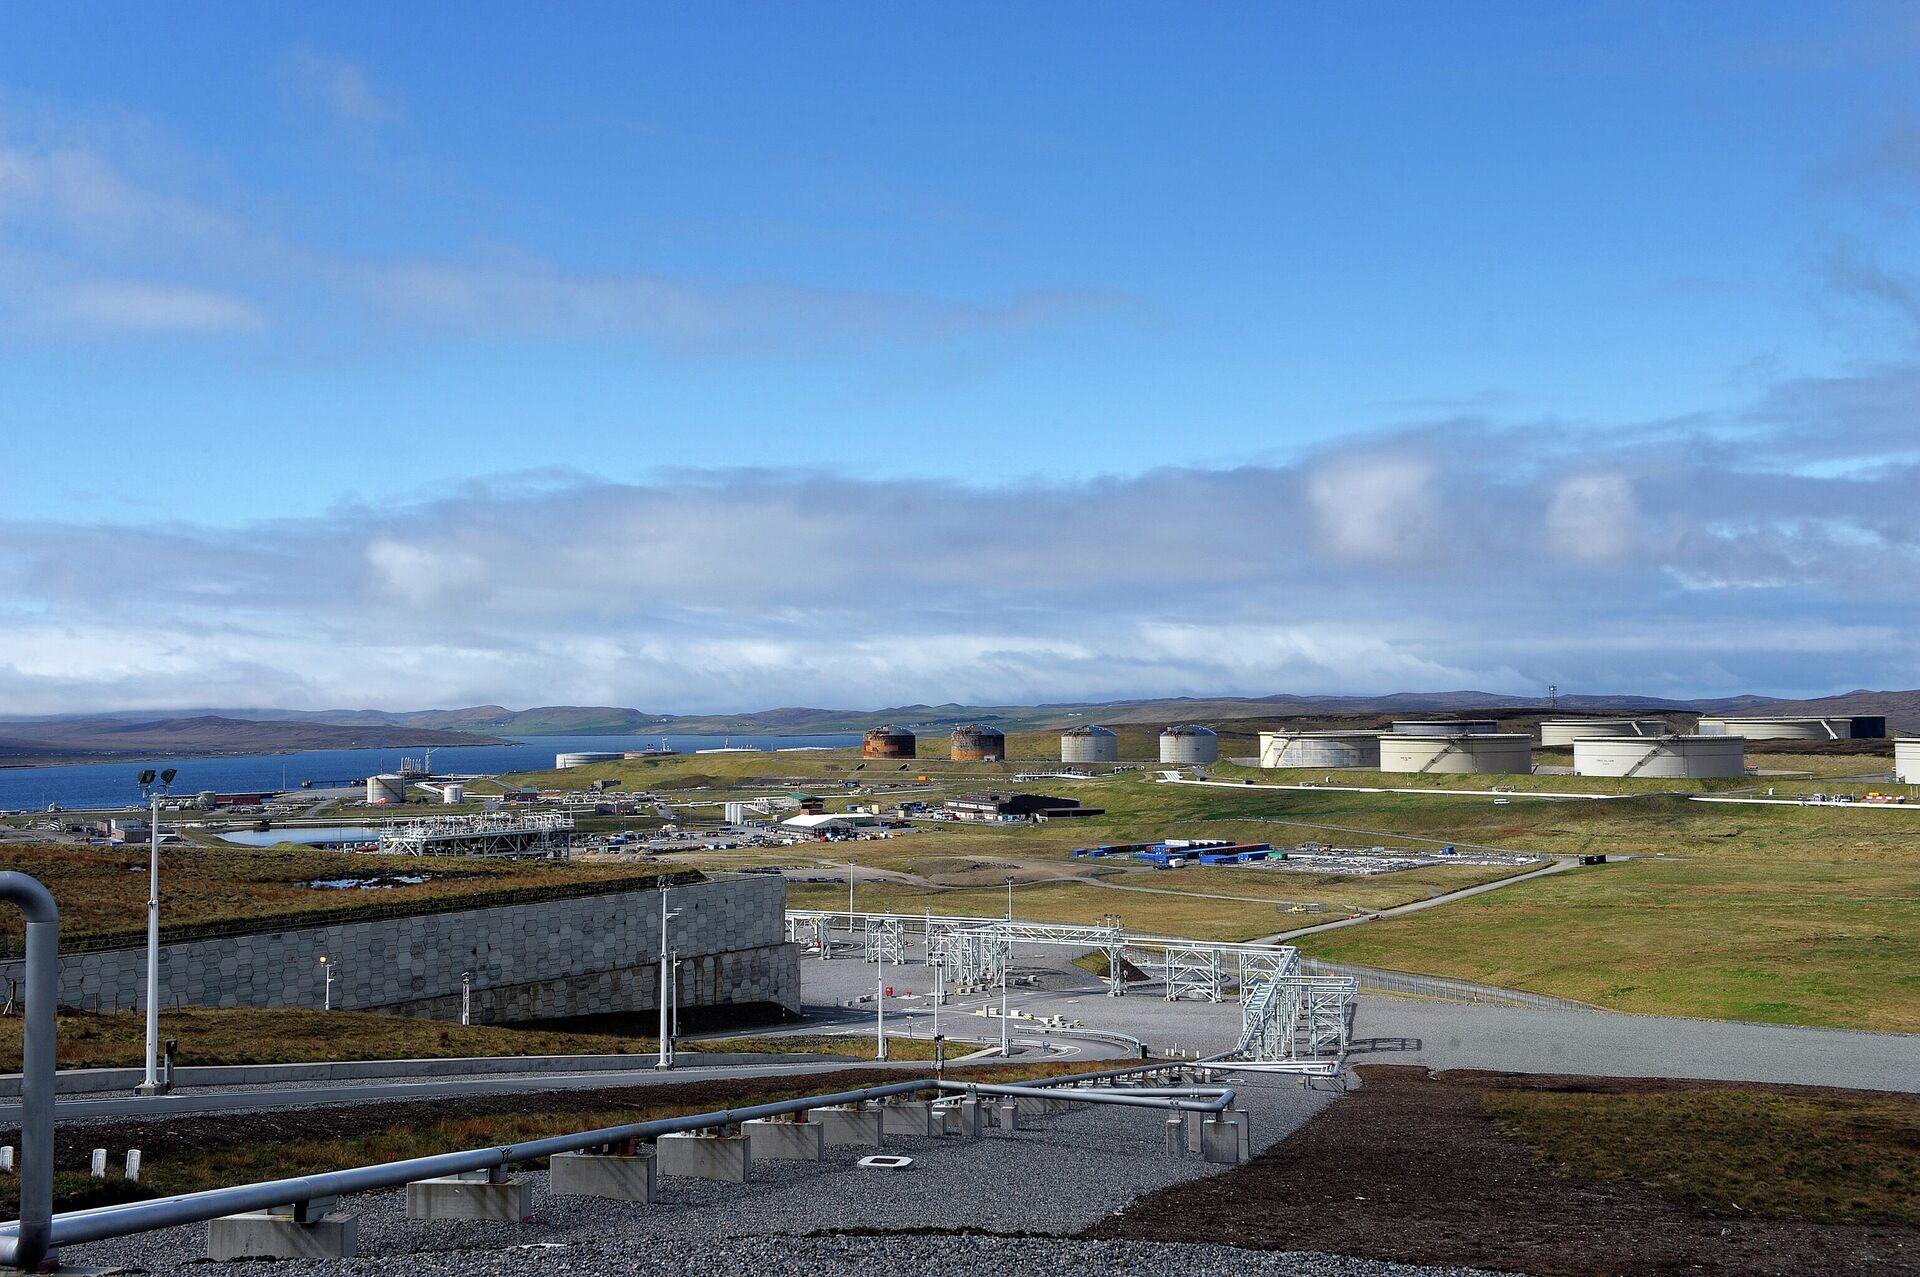 Газоперерабатывающий завод на Шетландских островах - РИА Новости, 1920, 14.09.2020